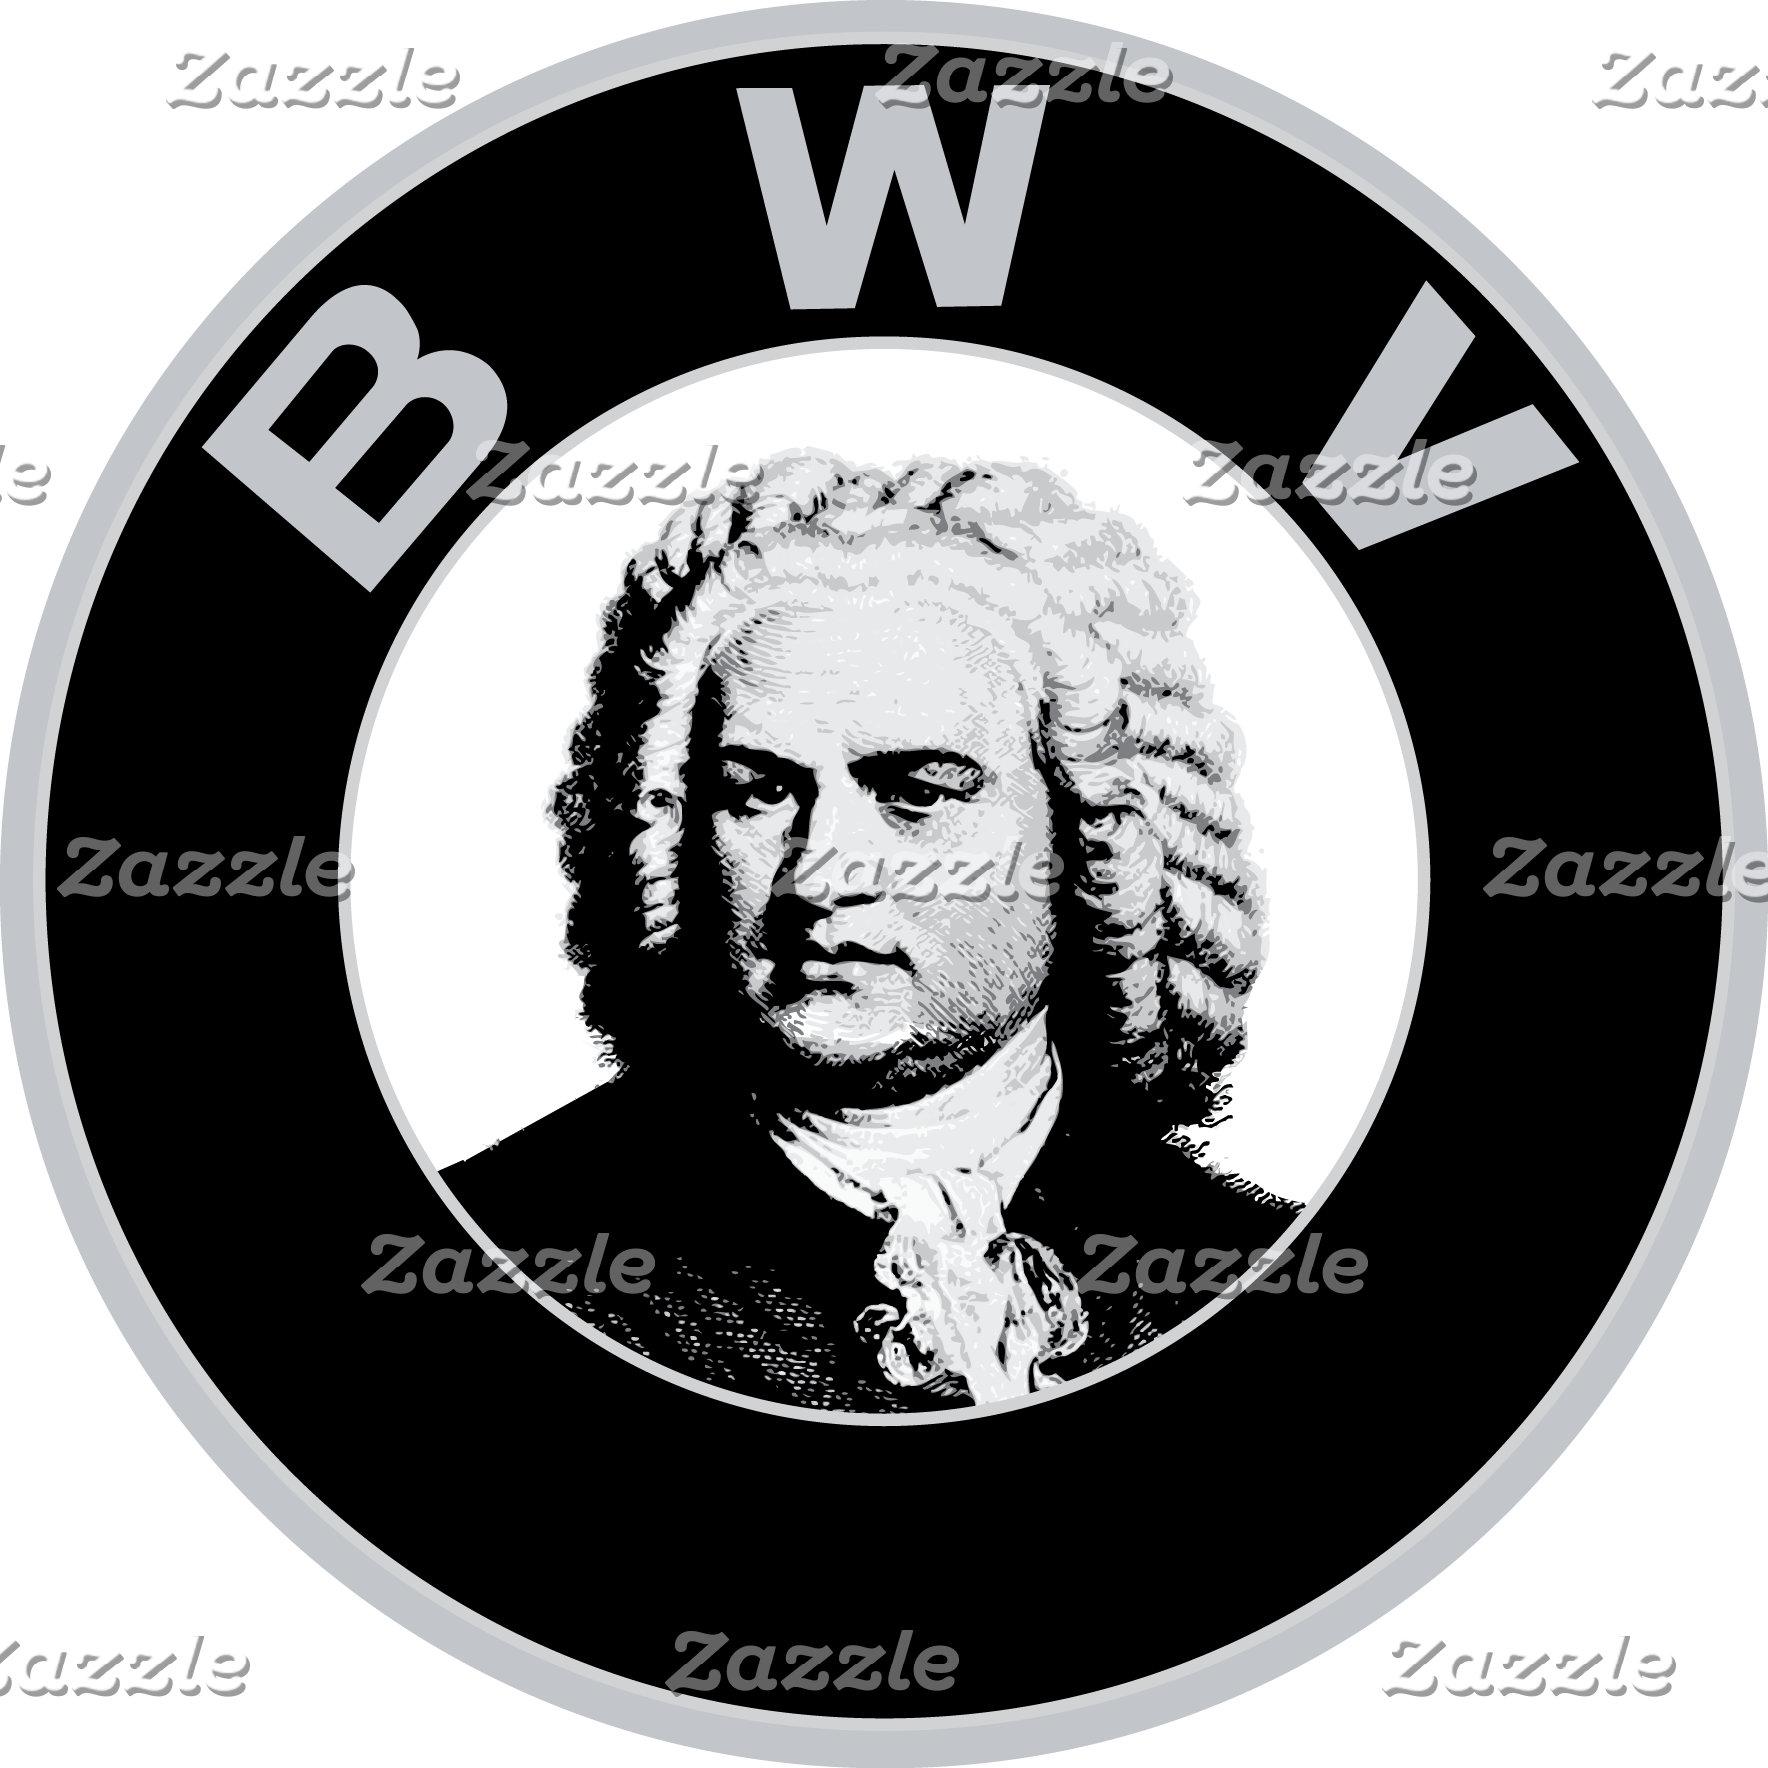 BWV (J.S. Bach)